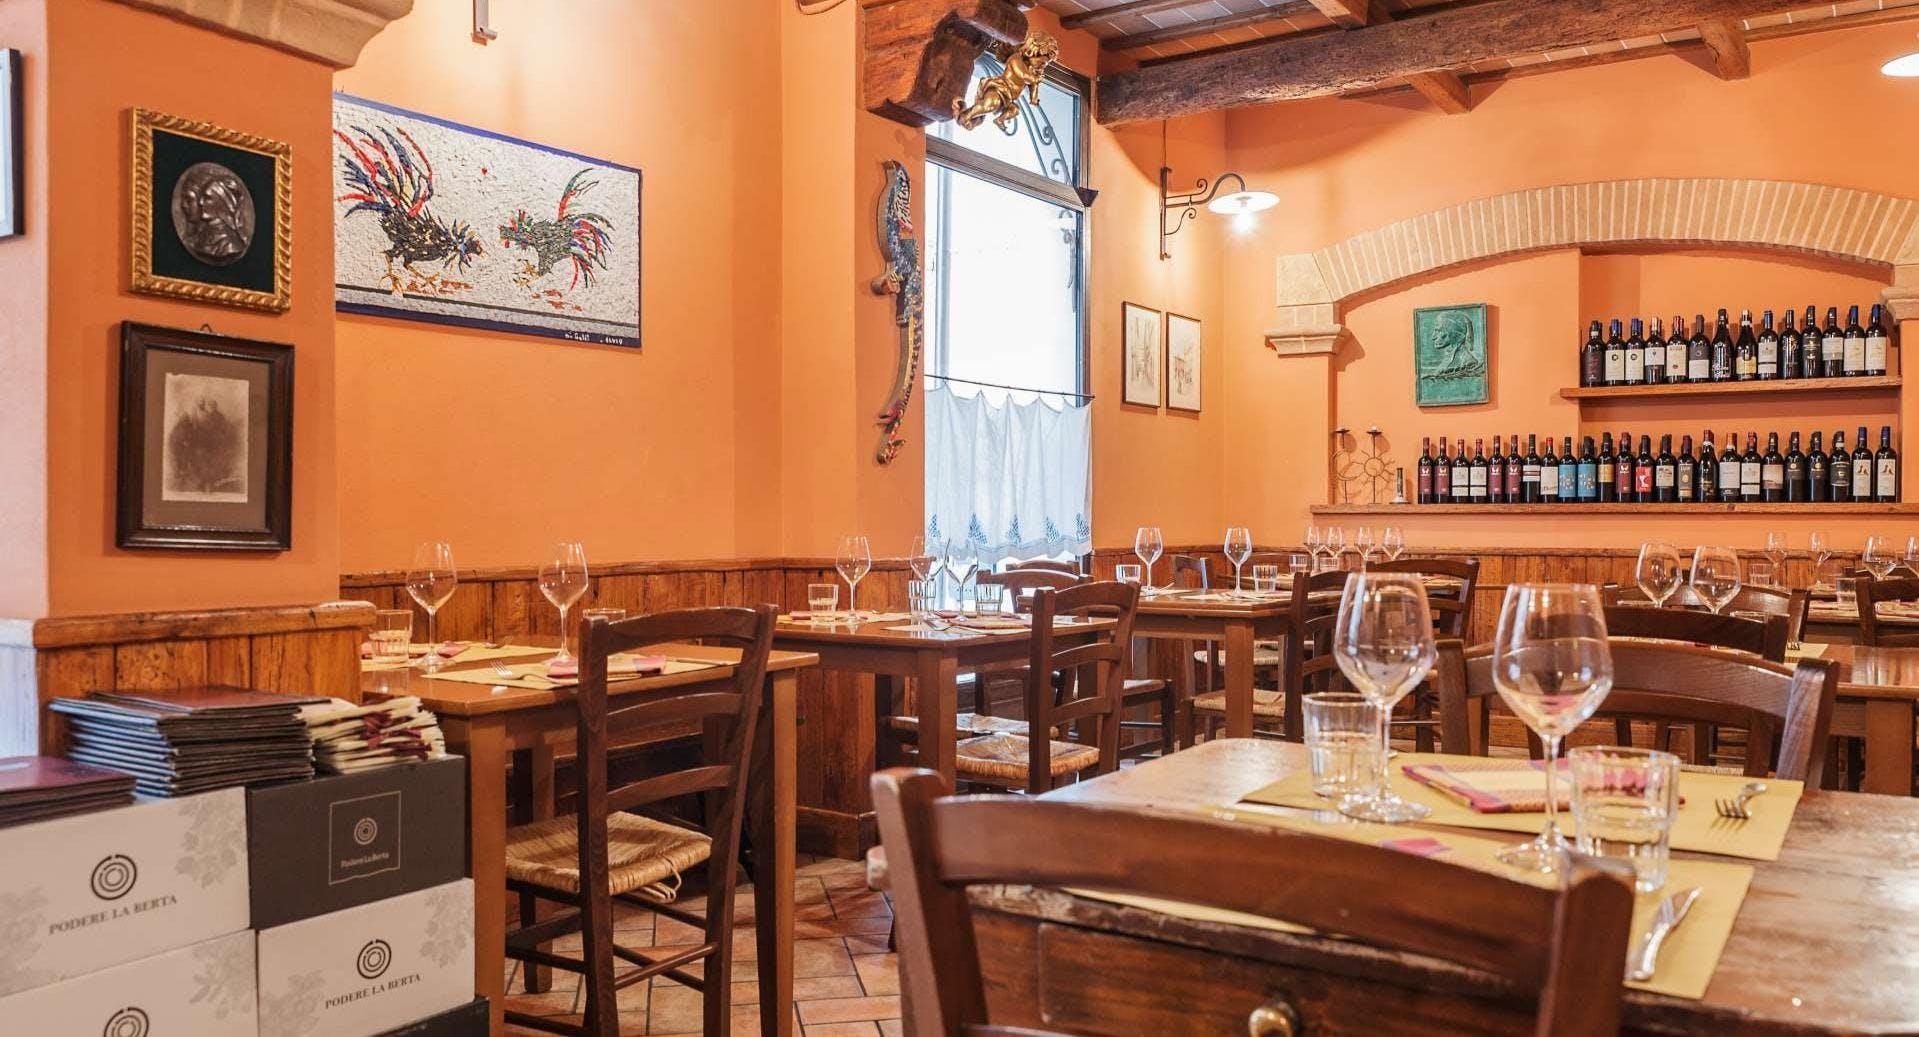 Osteria dei battibecchi Ravenna image 3